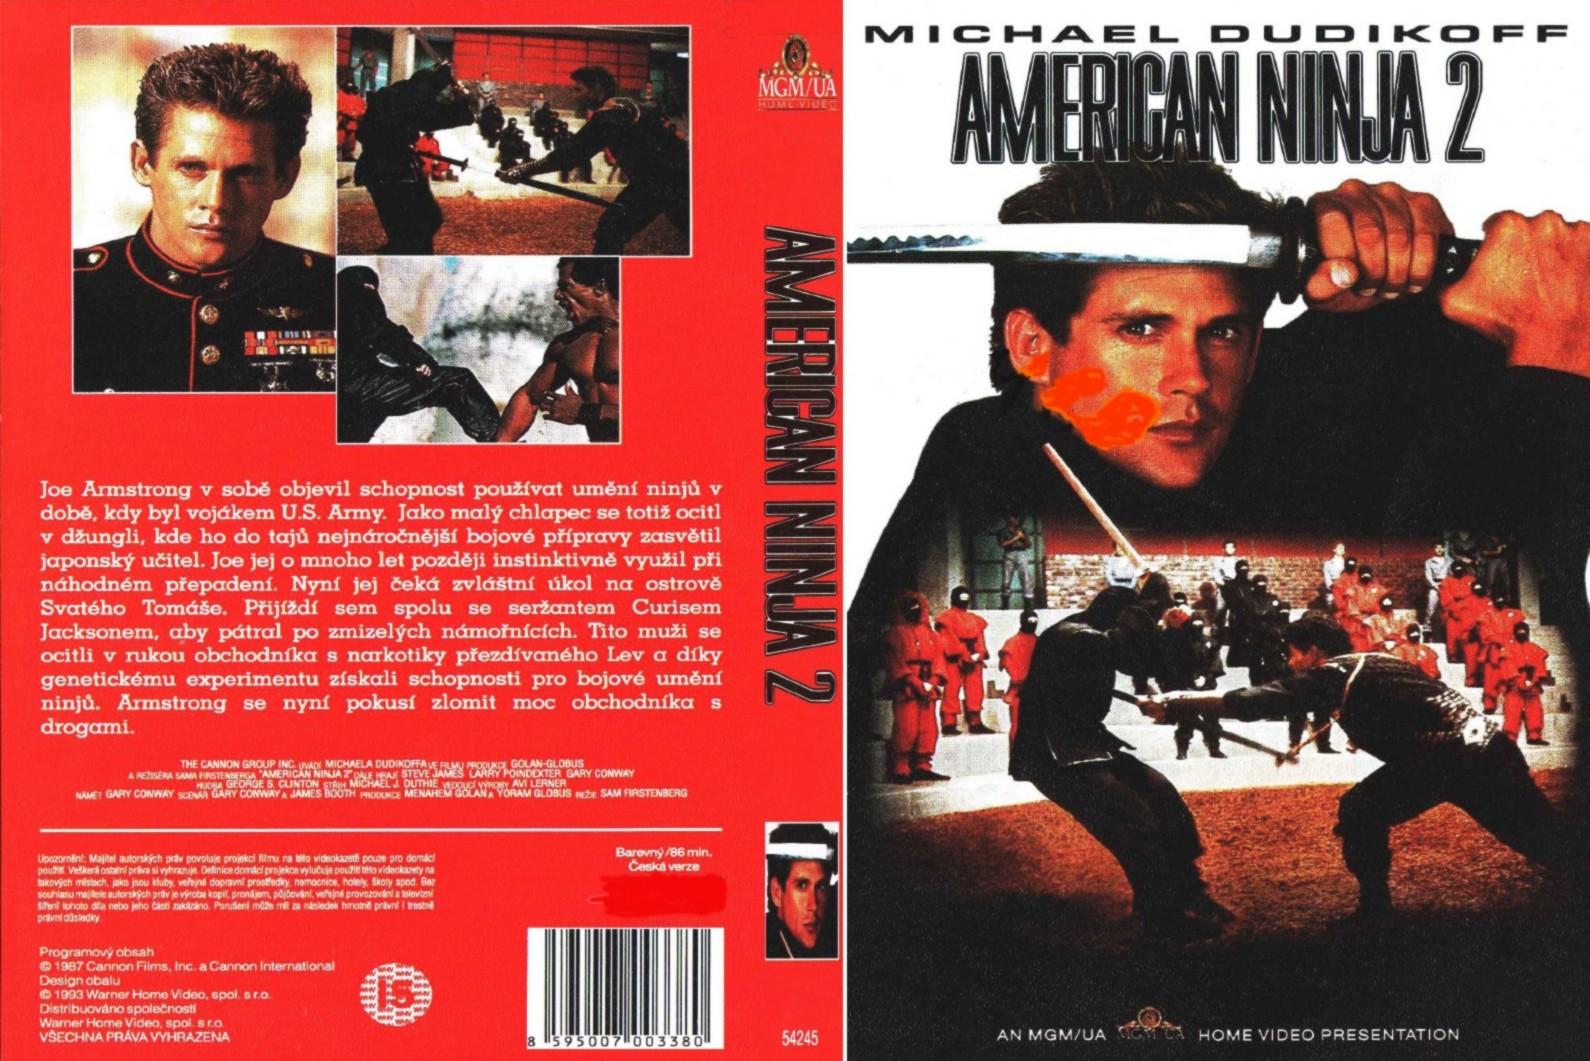 http://3.bp.blogspot.com/-n4lwUrDfrMs/Tu-DIiD7zlI/AAAAAAACsJM/kIYs-QCcStM/s1600/Americky_ninja_2%2B1987.jpg